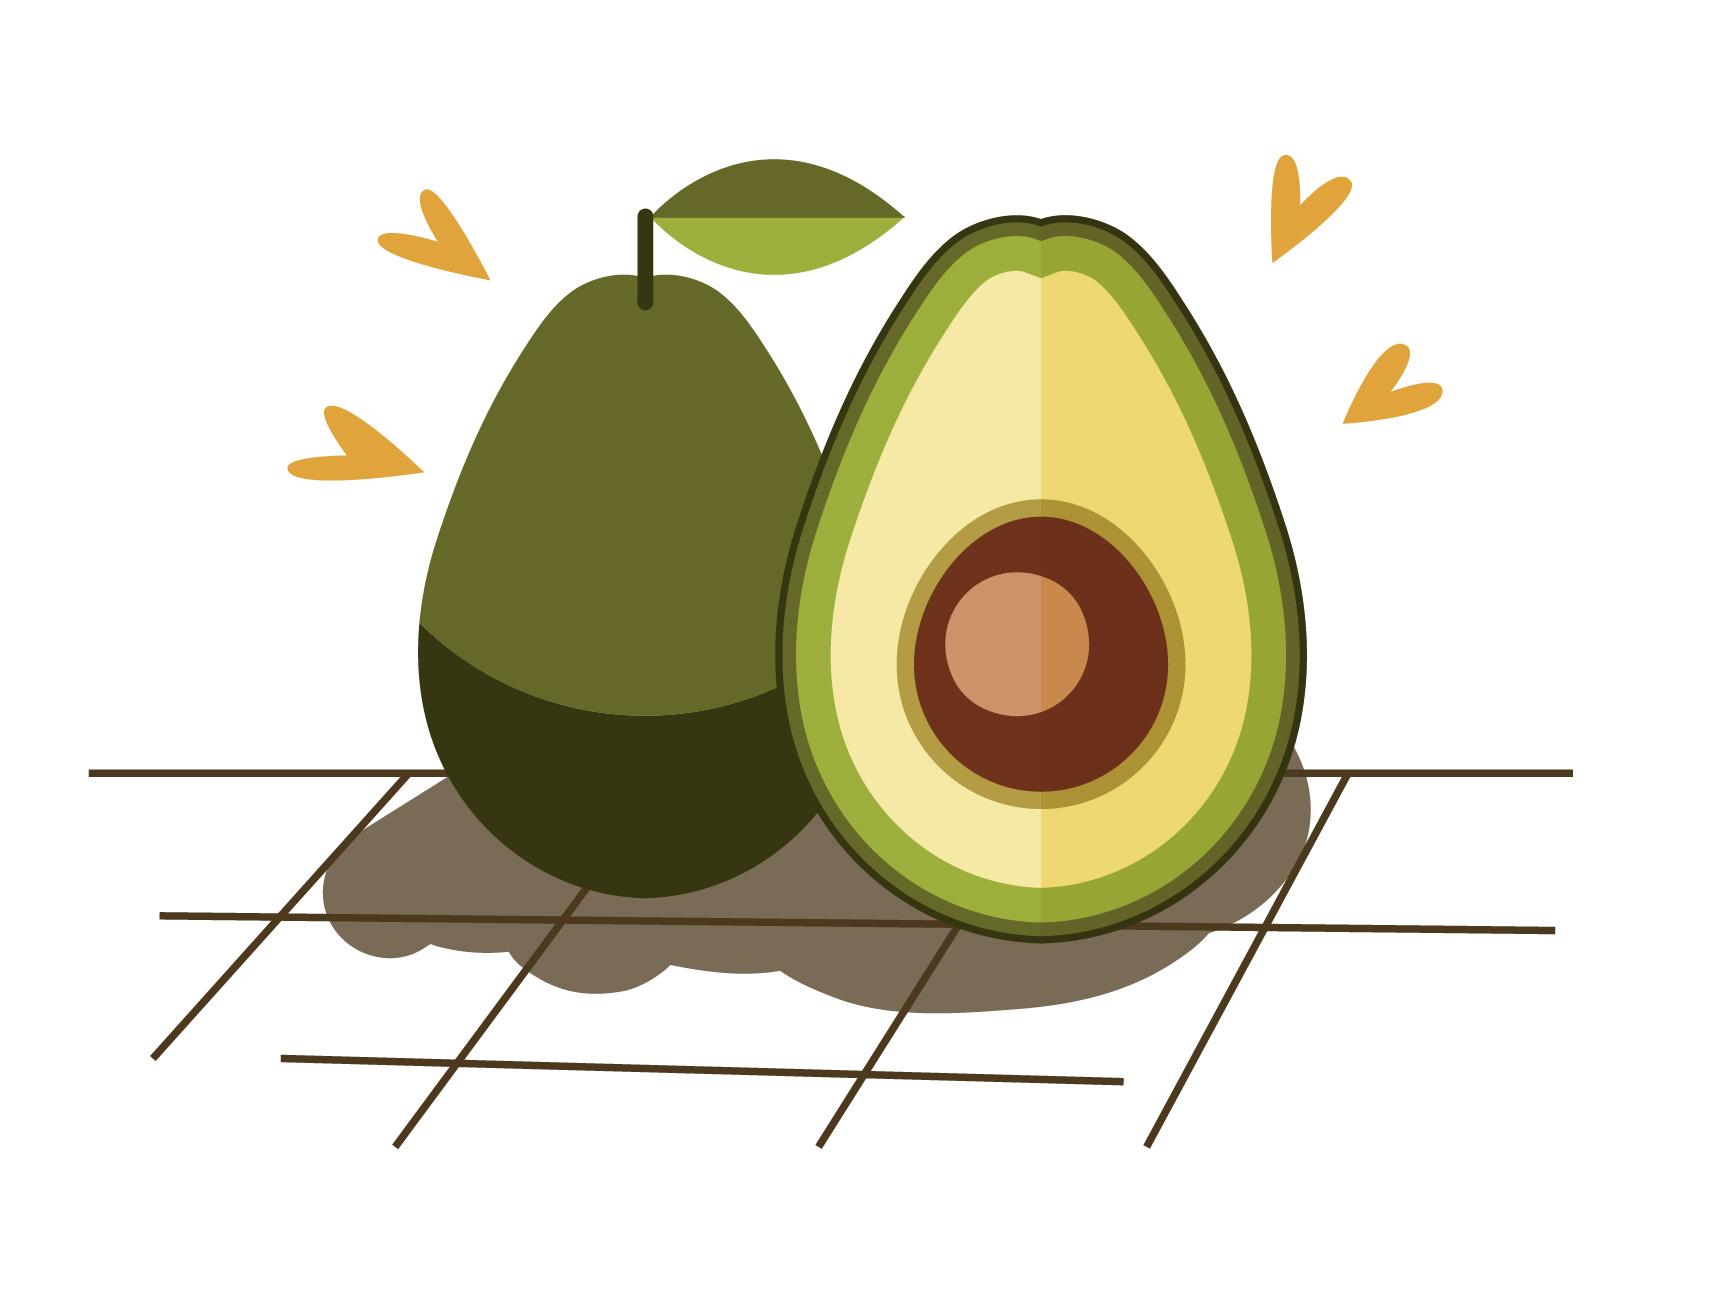 Nutrizione per l'artrite comune: Avocado & amp; Olio di semi di soia